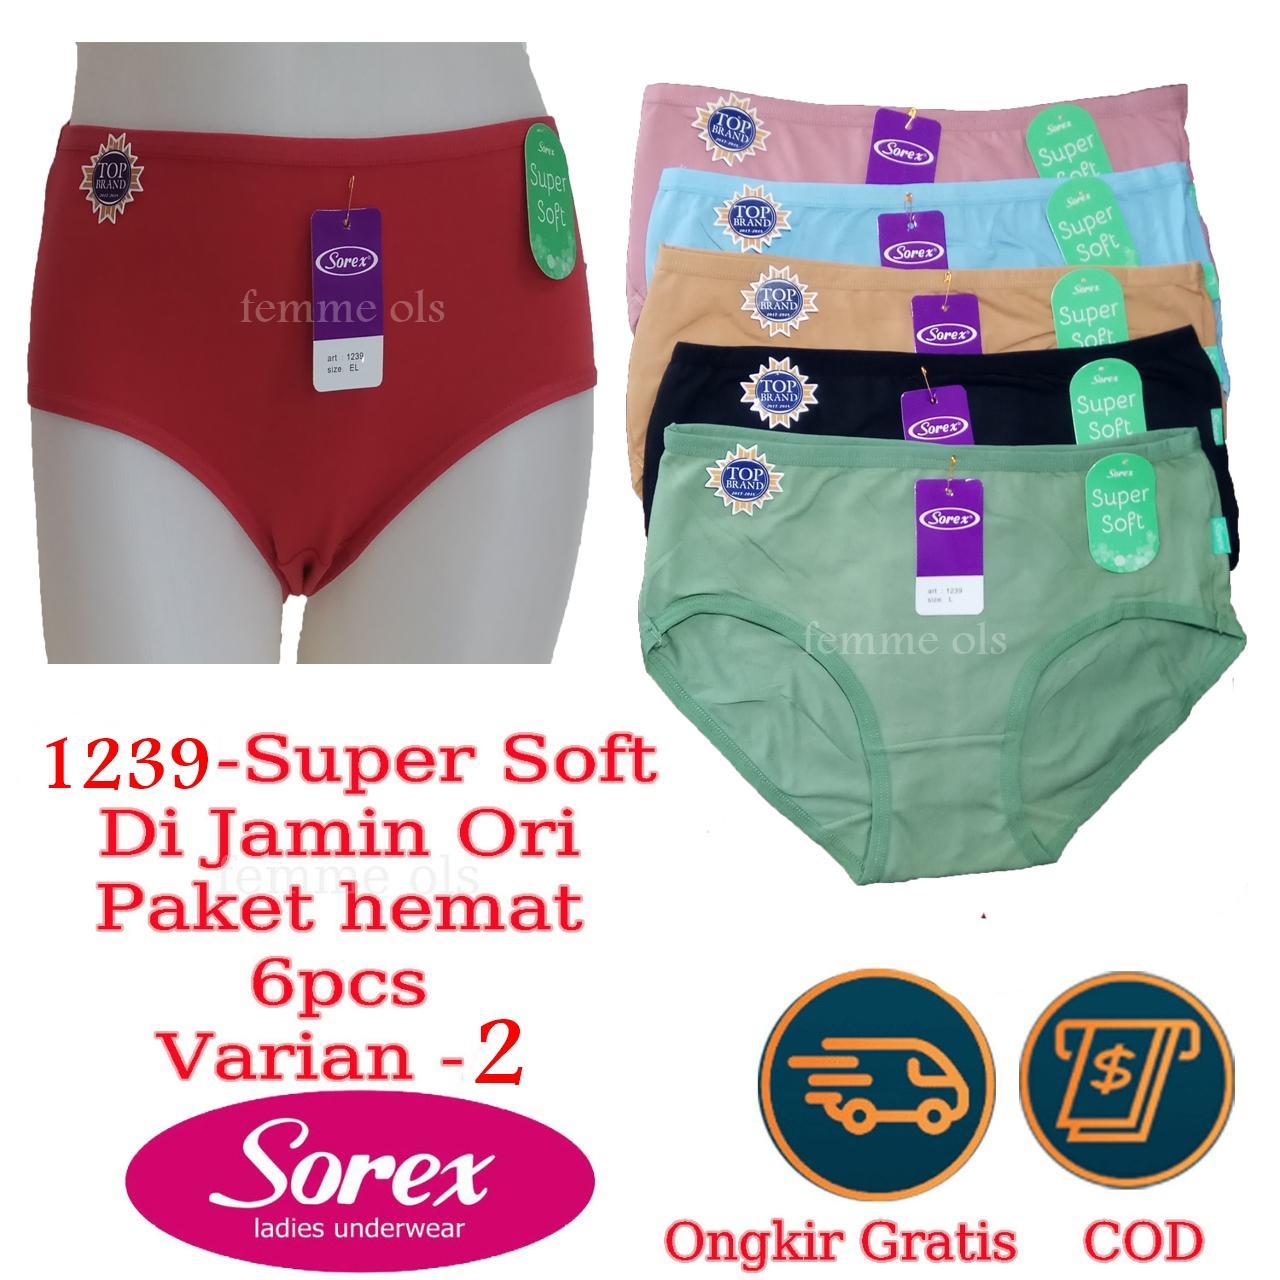 Femme Ols - 6 Pcs CD Celana Dalam Wanita SOREX Super Soft Original 1239 2e854070f1